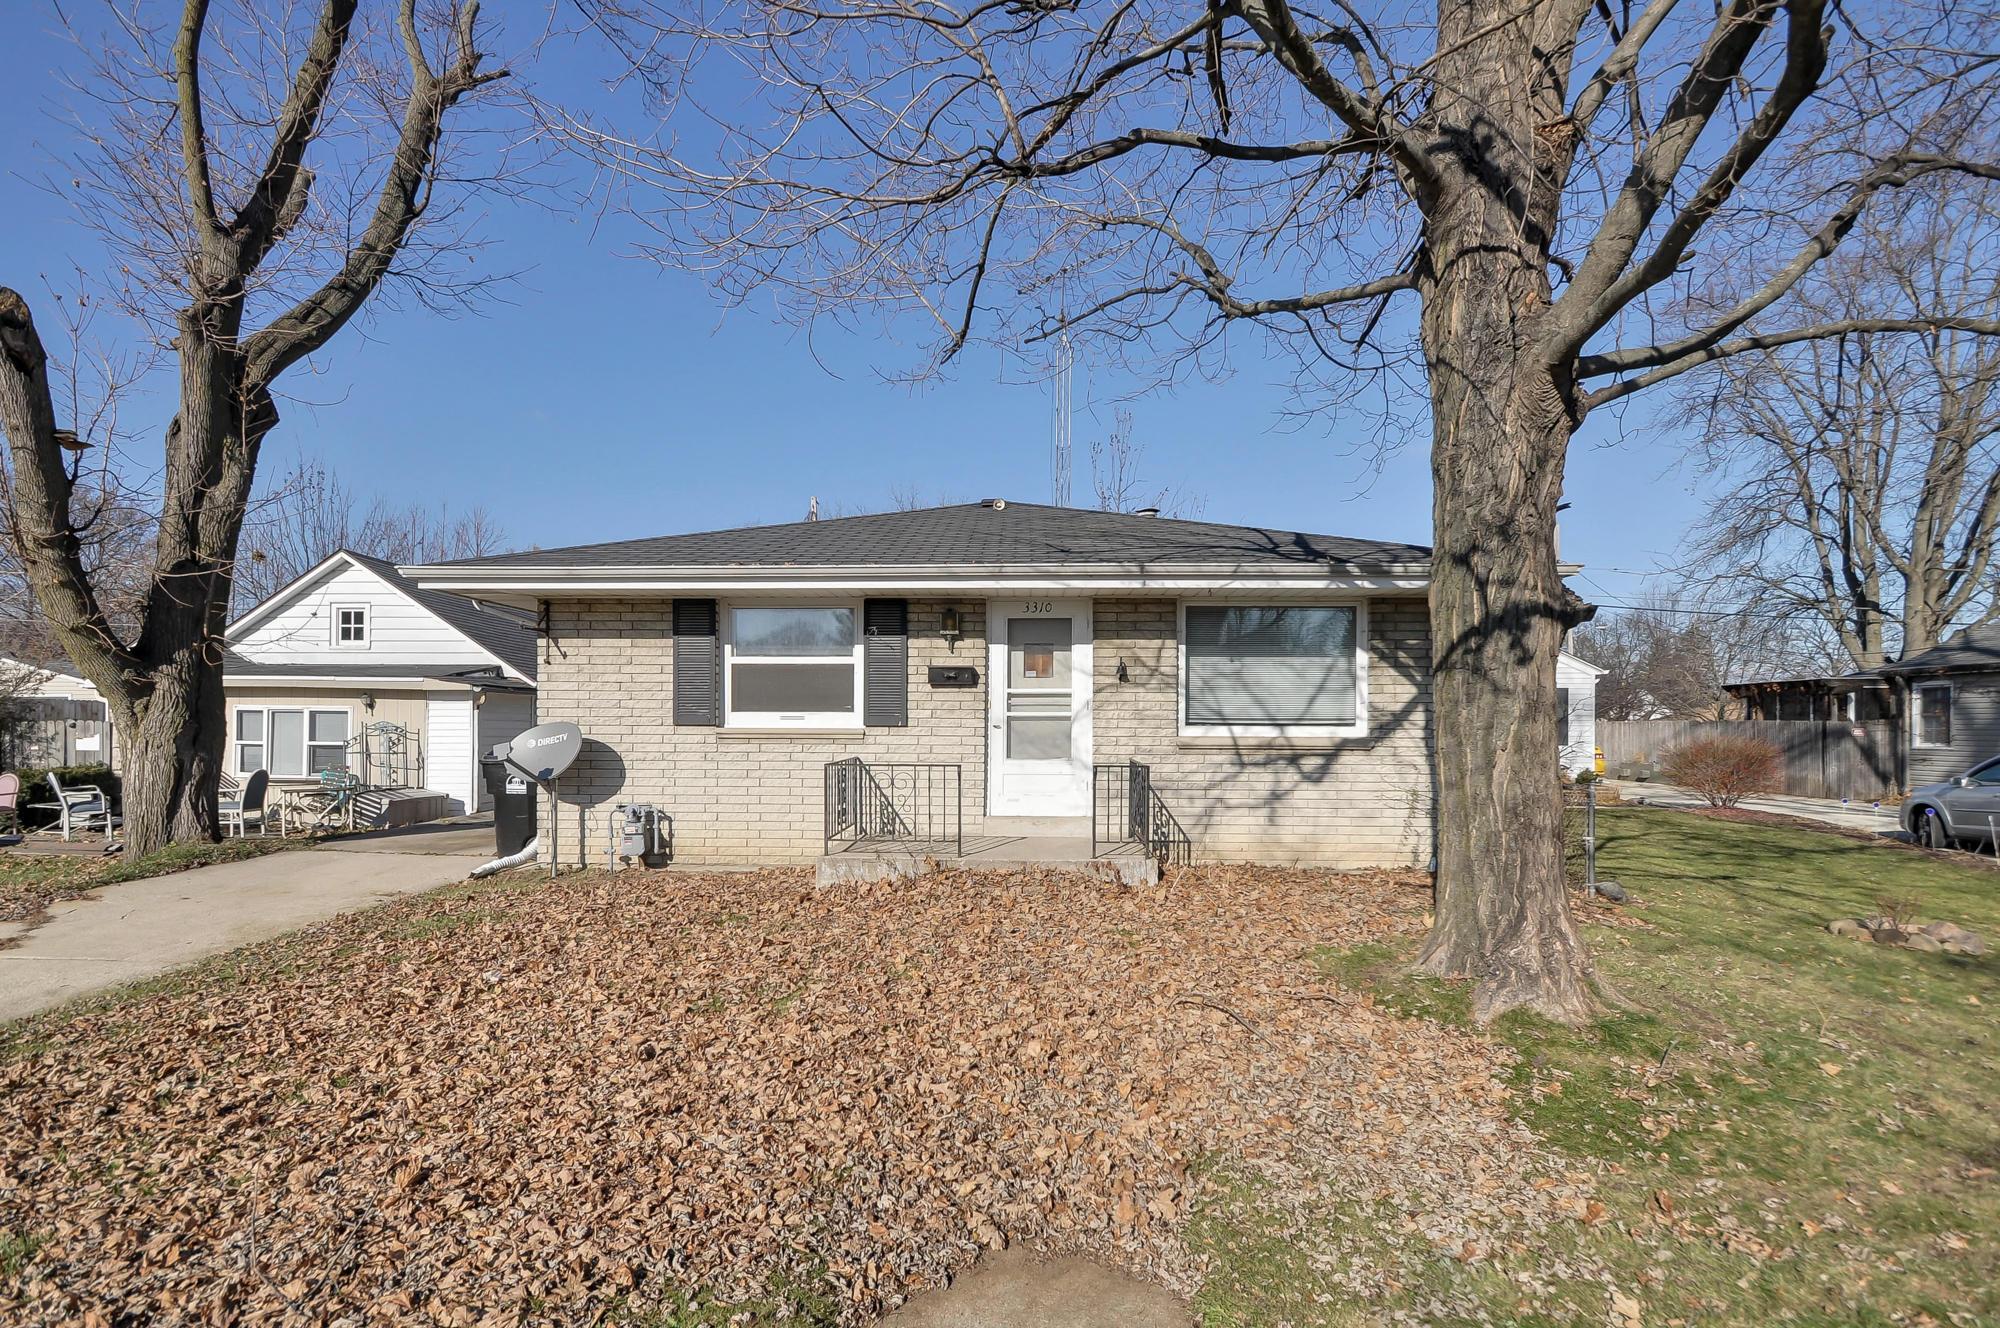 3310 Pierce Blvd, Racine, Wisconsin 53405, 2 Bedrooms Bedrooms, 4 Rooms Rooms,2 BathroomsBathrooms,Single-Family,For Sale,Pierce Blvd,1614582